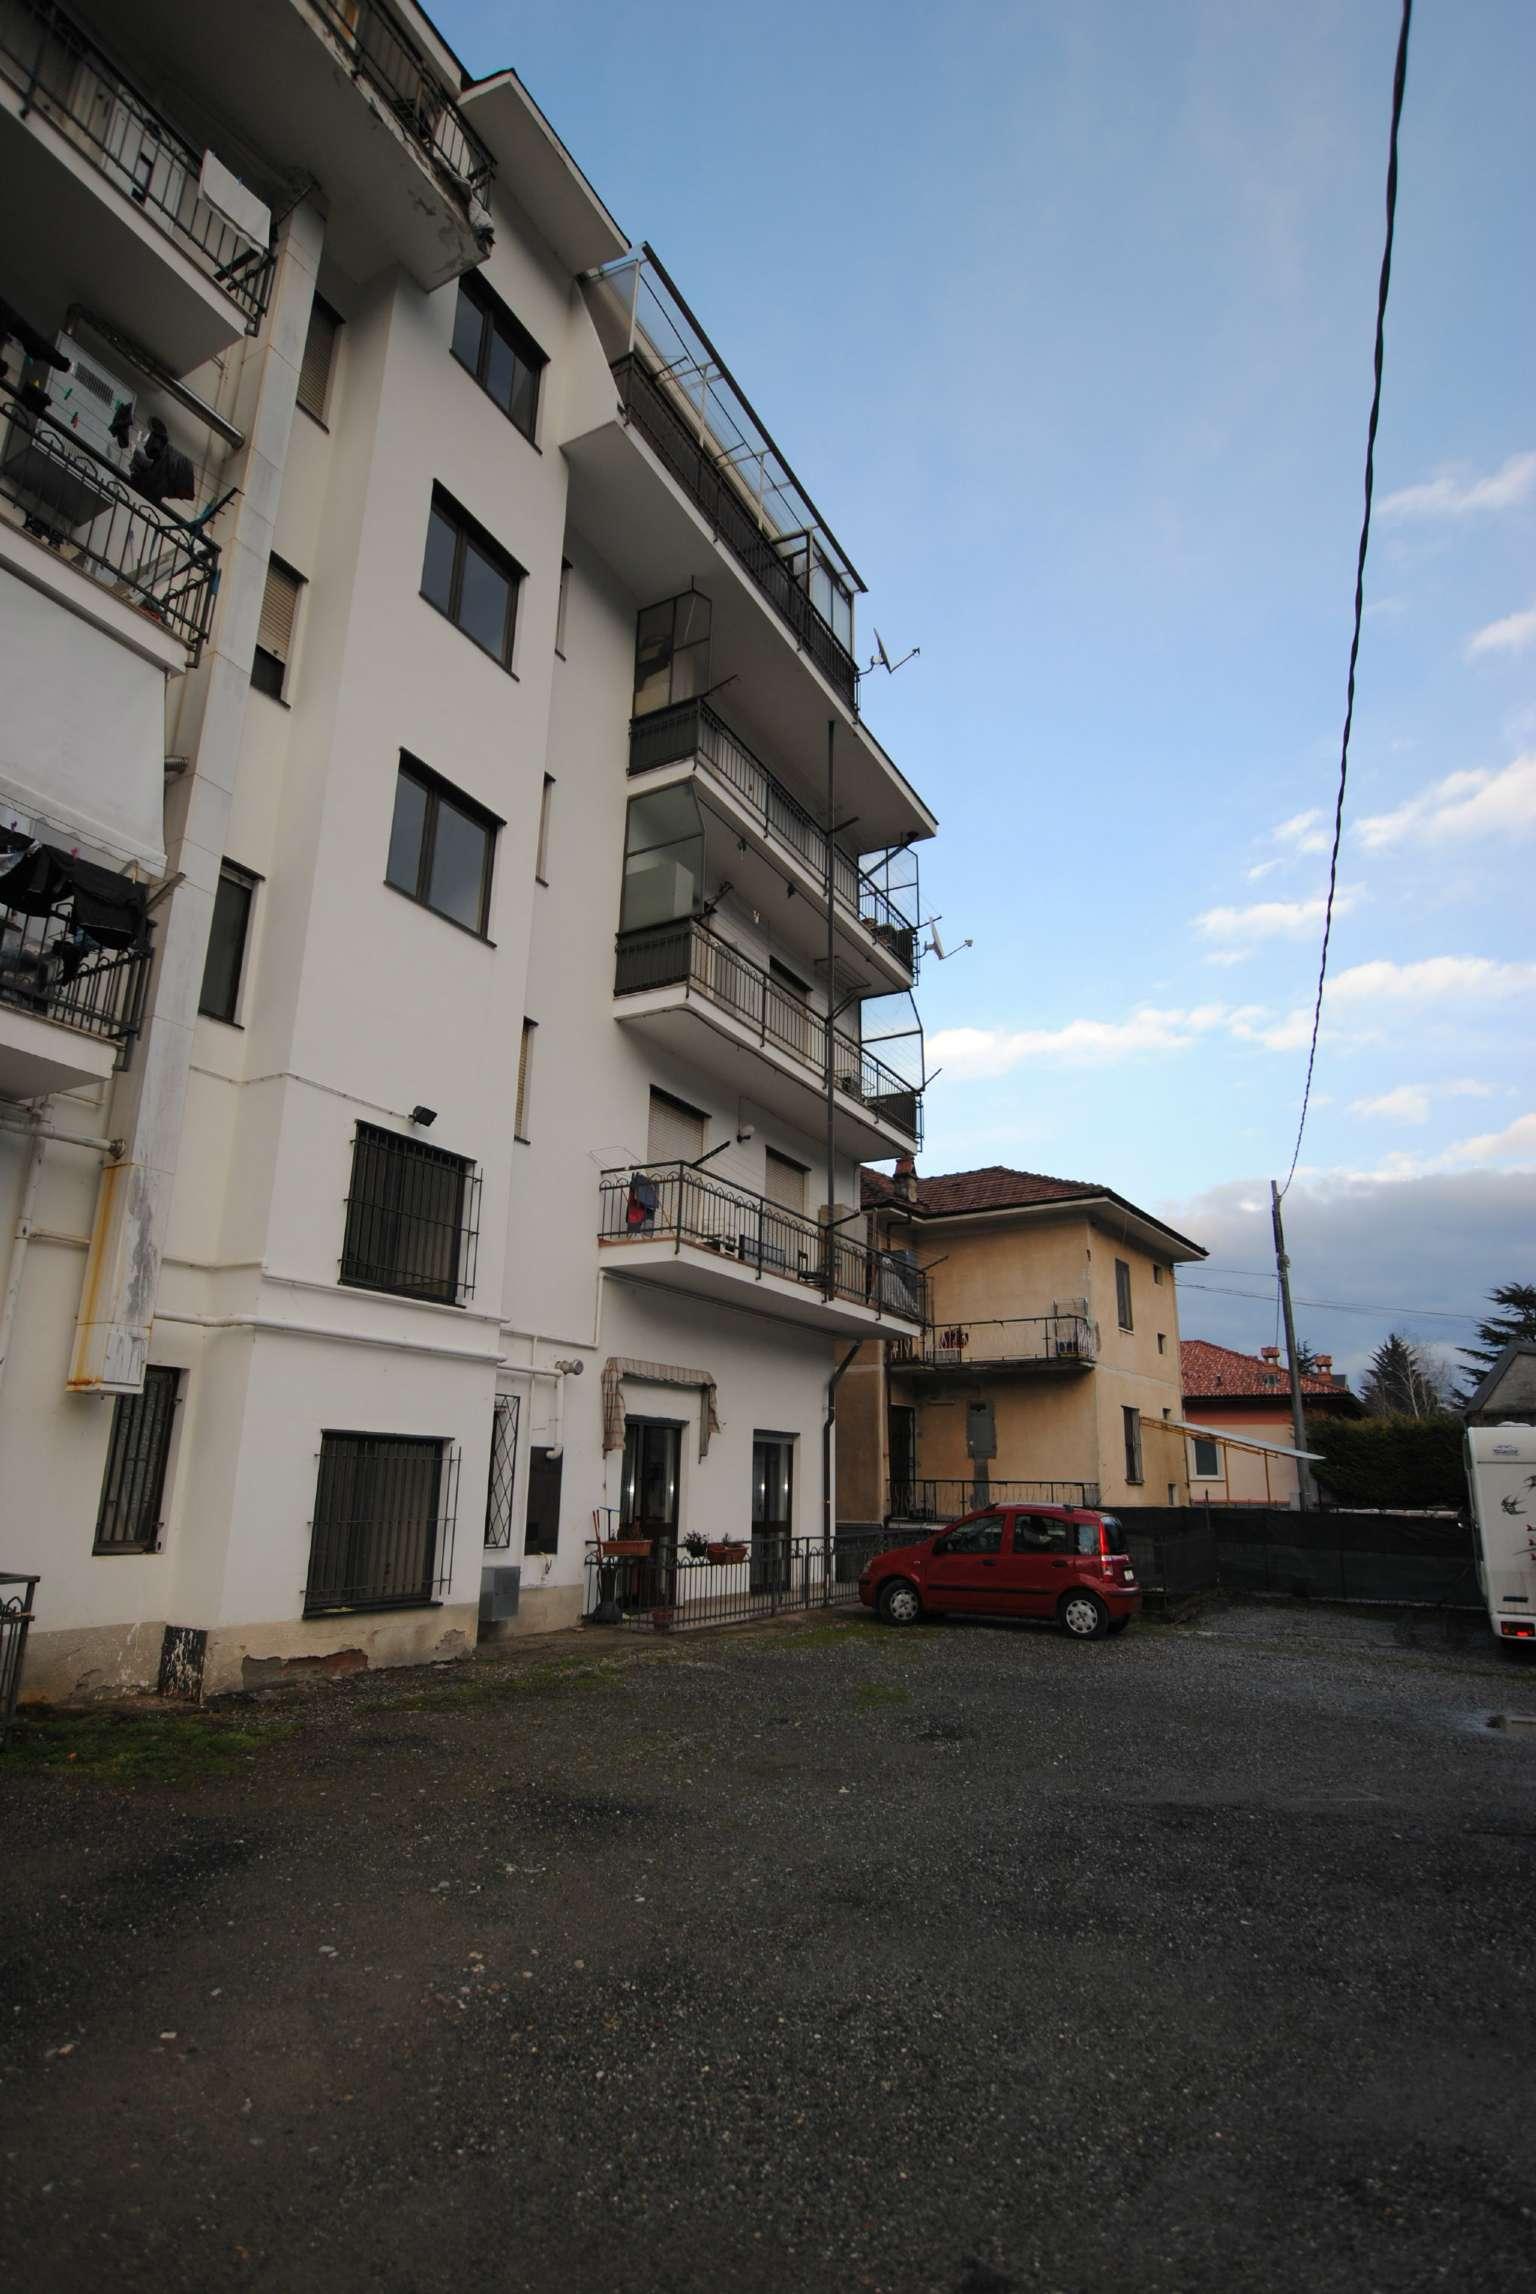 Appartamento in vendita a Chiusa di San Michele, 2 locali, prezzo € 55.000 | Cambio Casa.it